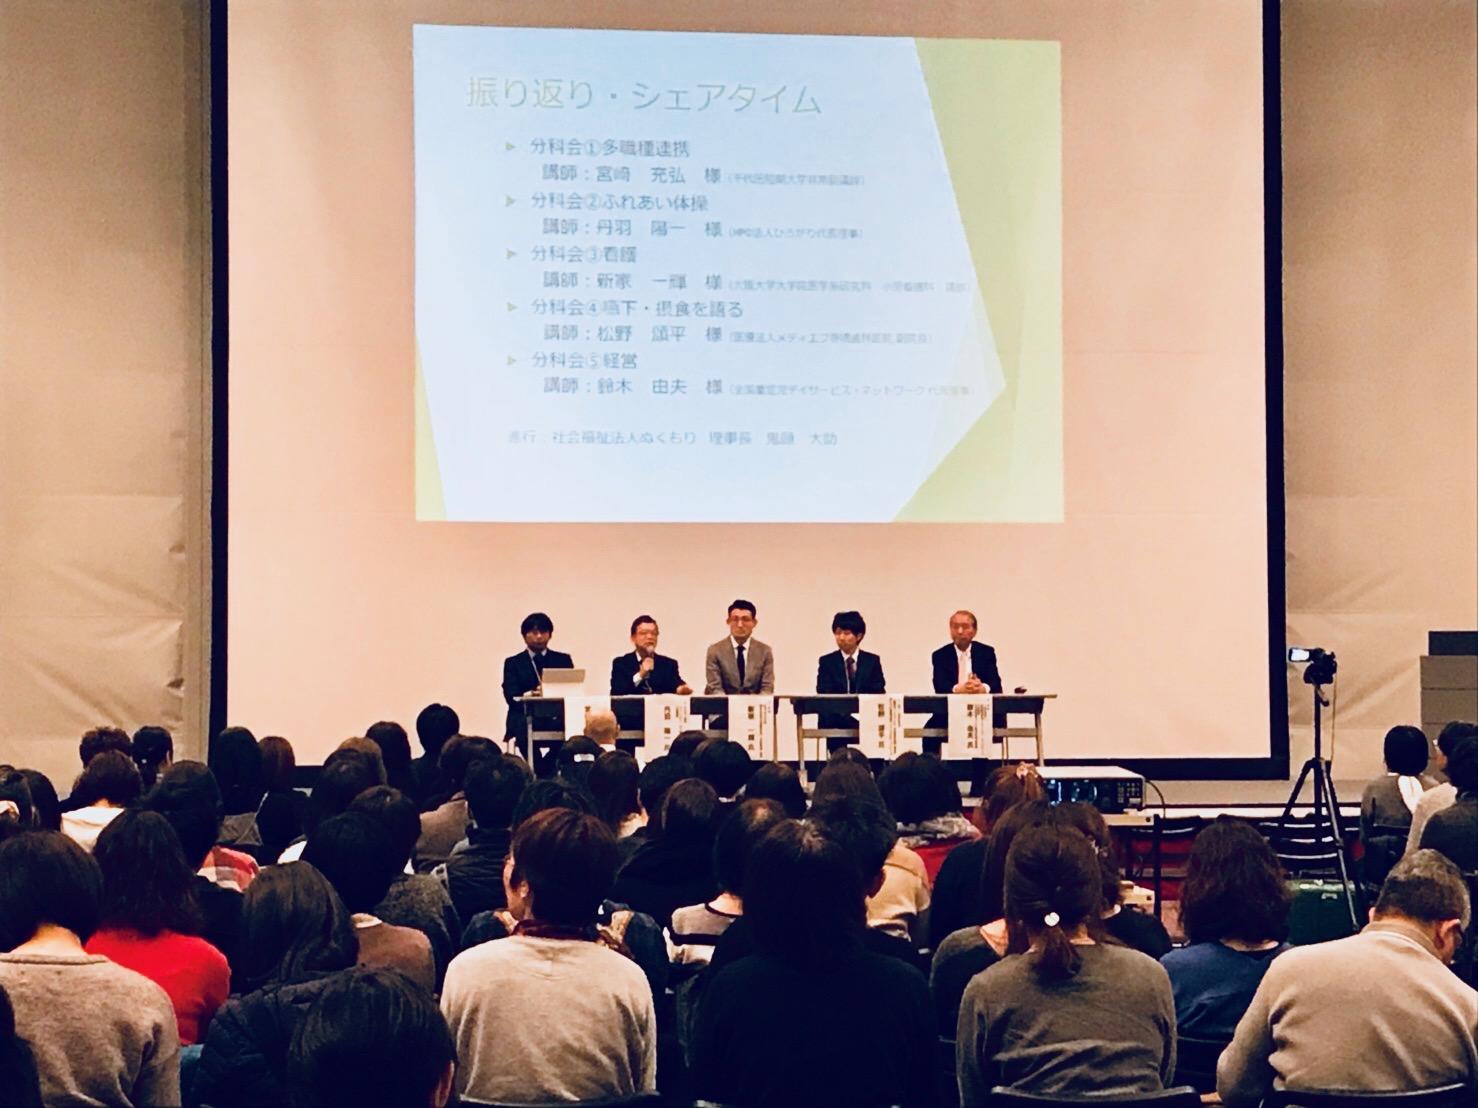 全国重症児デイサービス・ネットワーク全国大会 in 関西 2日目